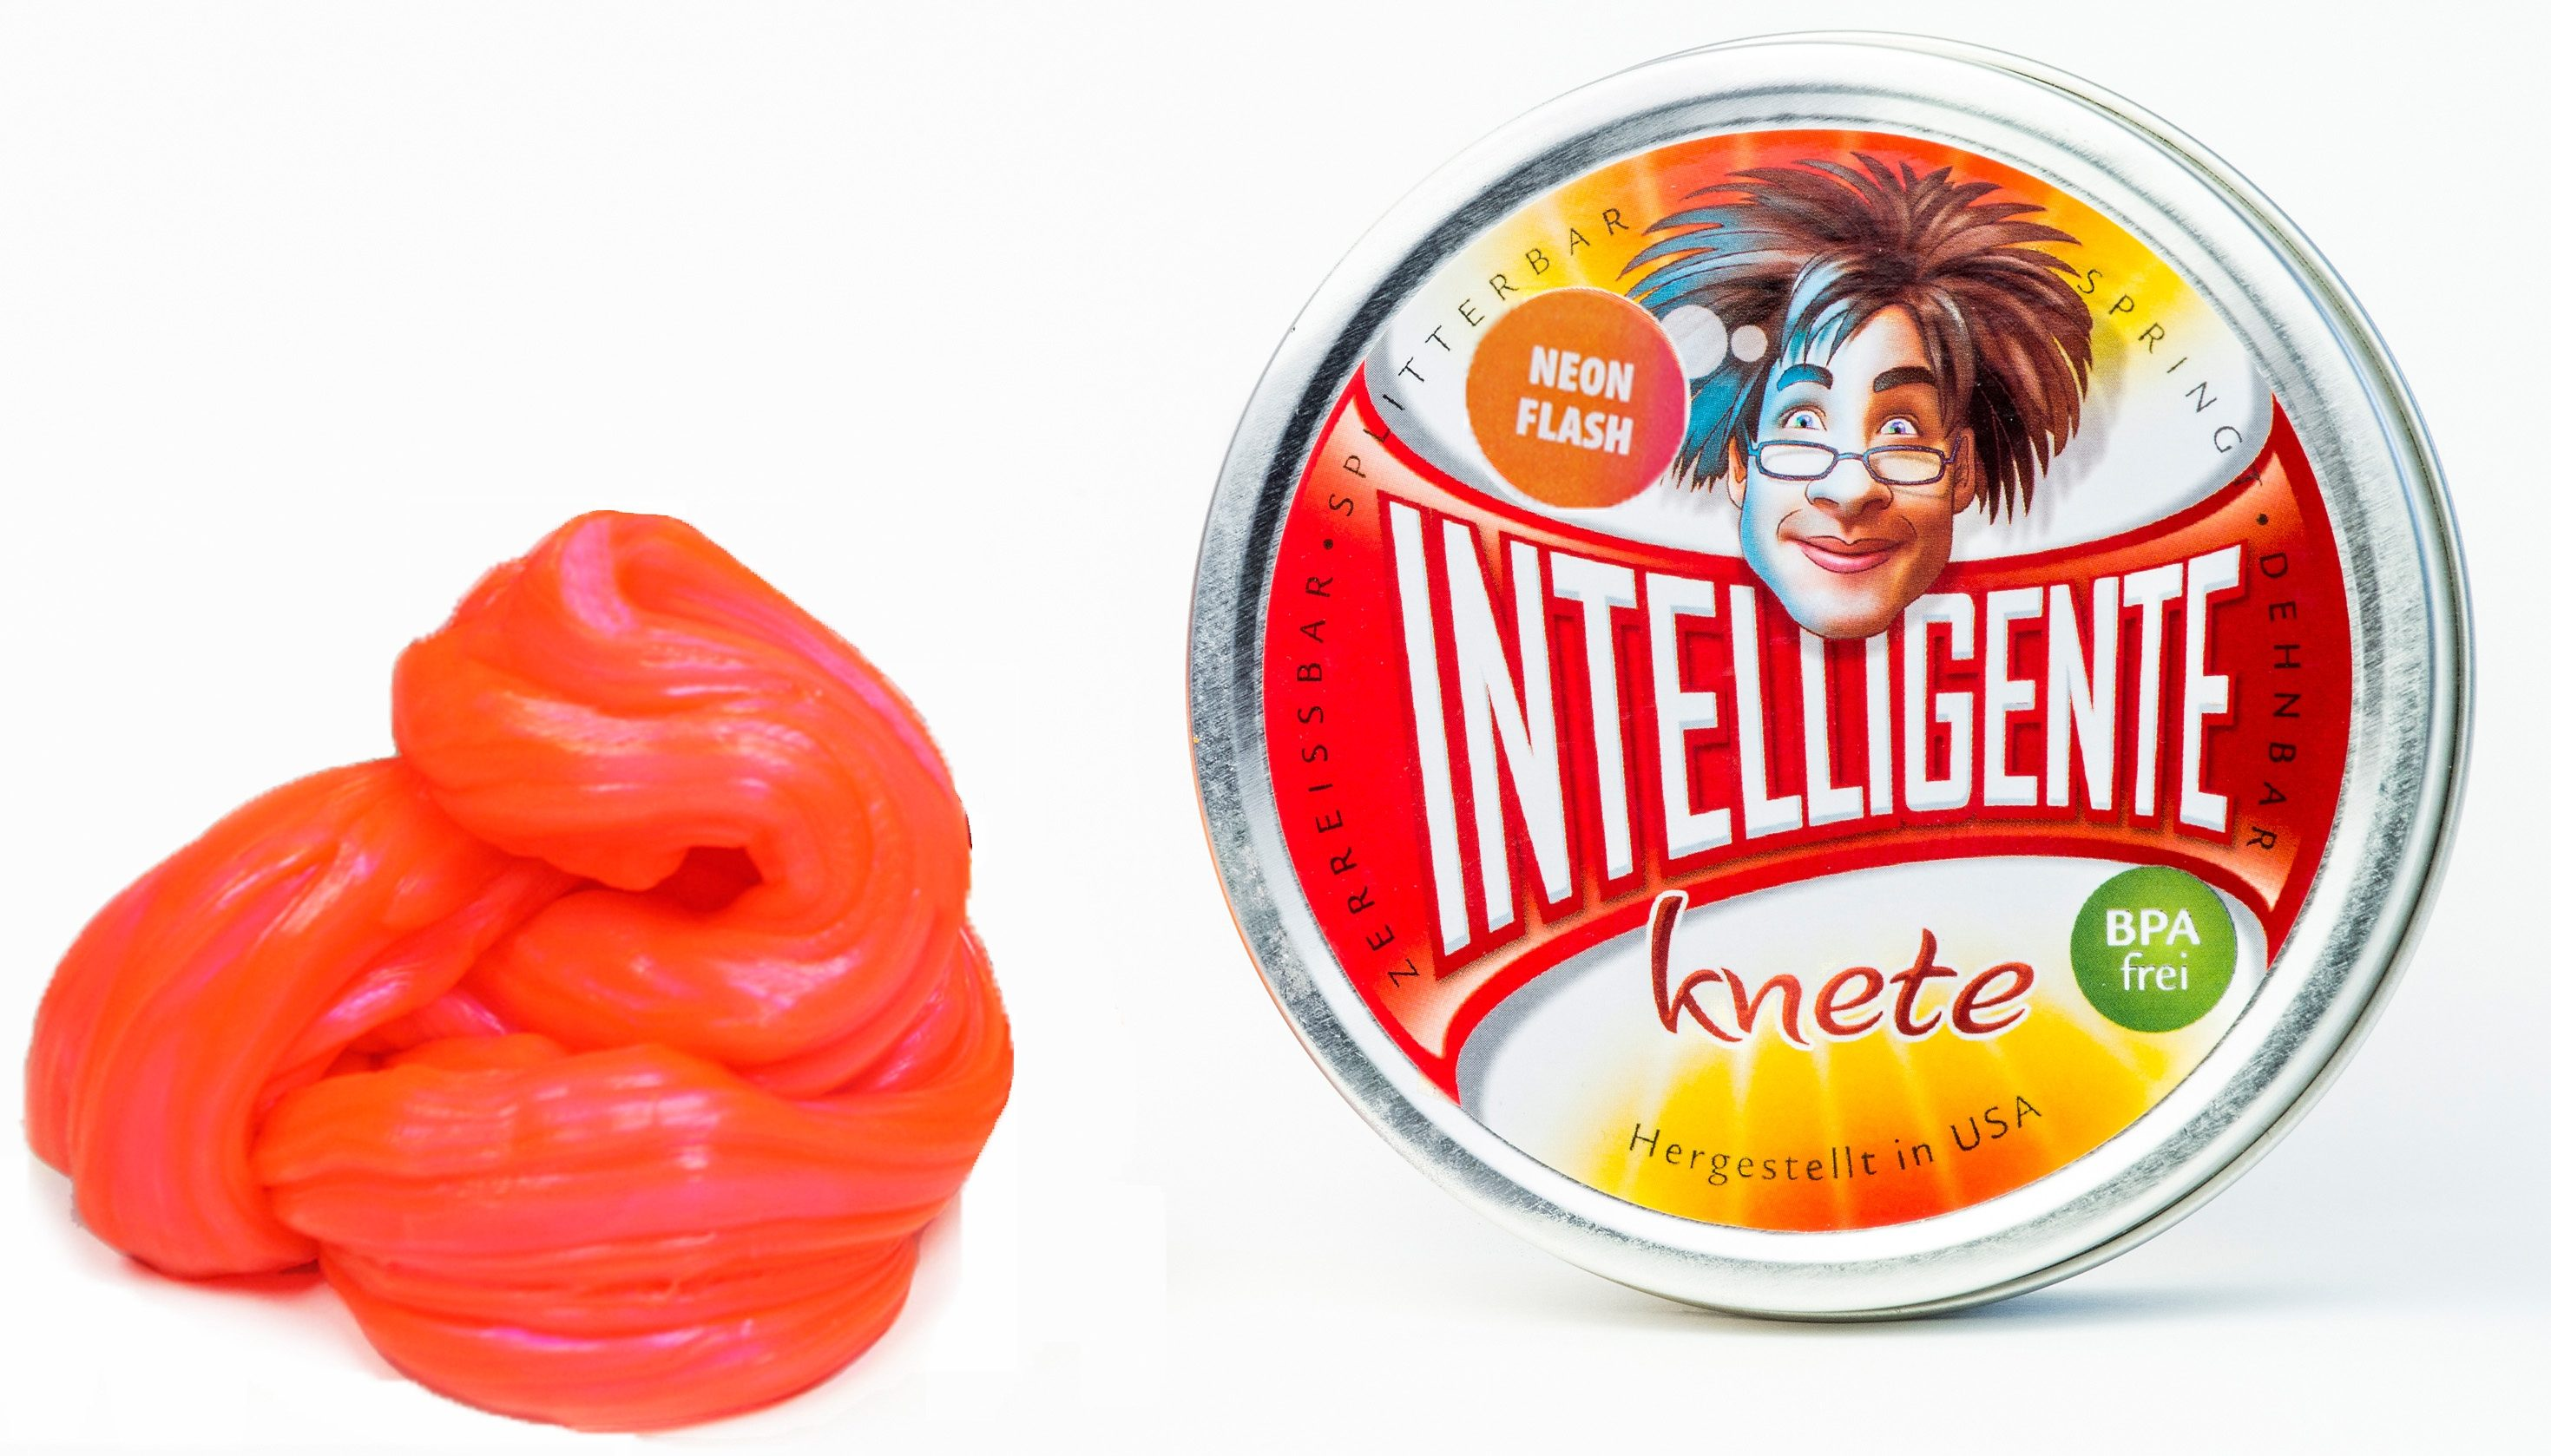 Intelligente Knete Knetgummi Neon Flash Preisvergleich